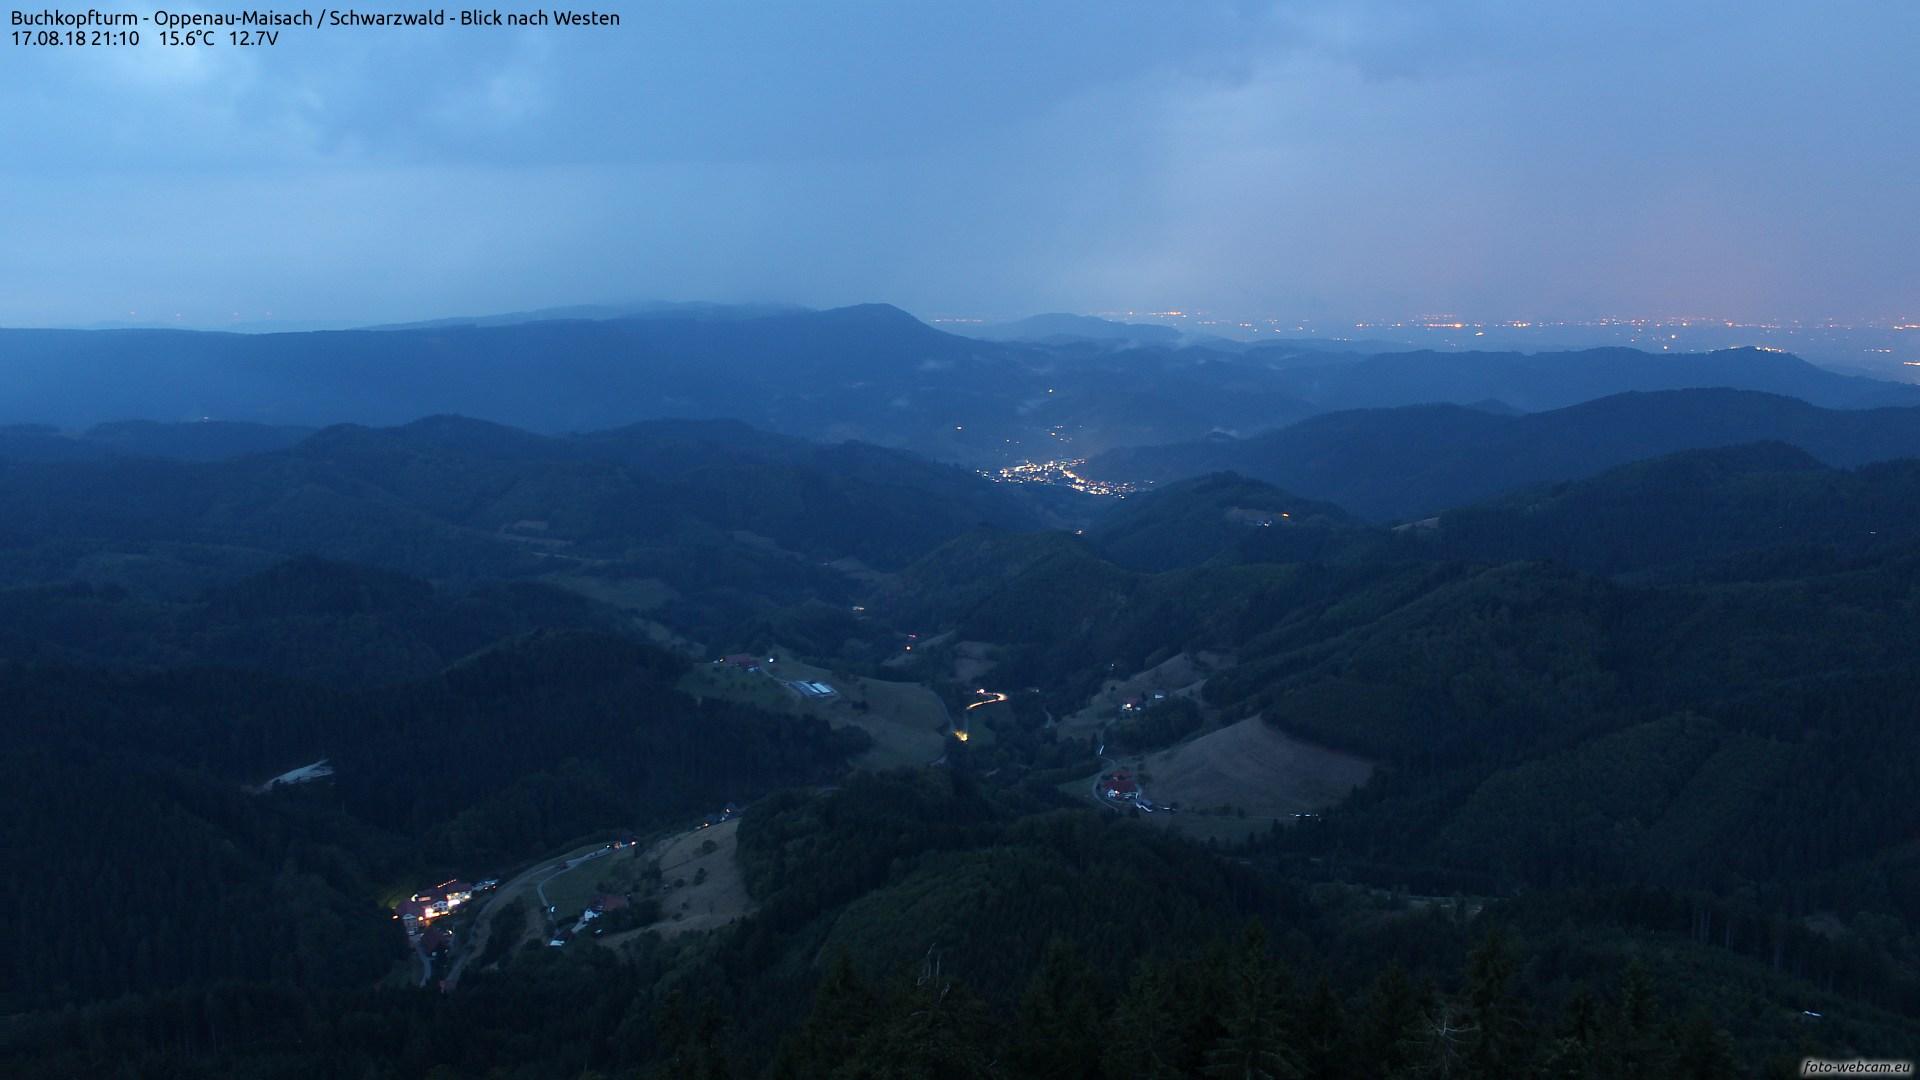 Aufnahme: Buchkopfturm vom 17.08.2018 21:10